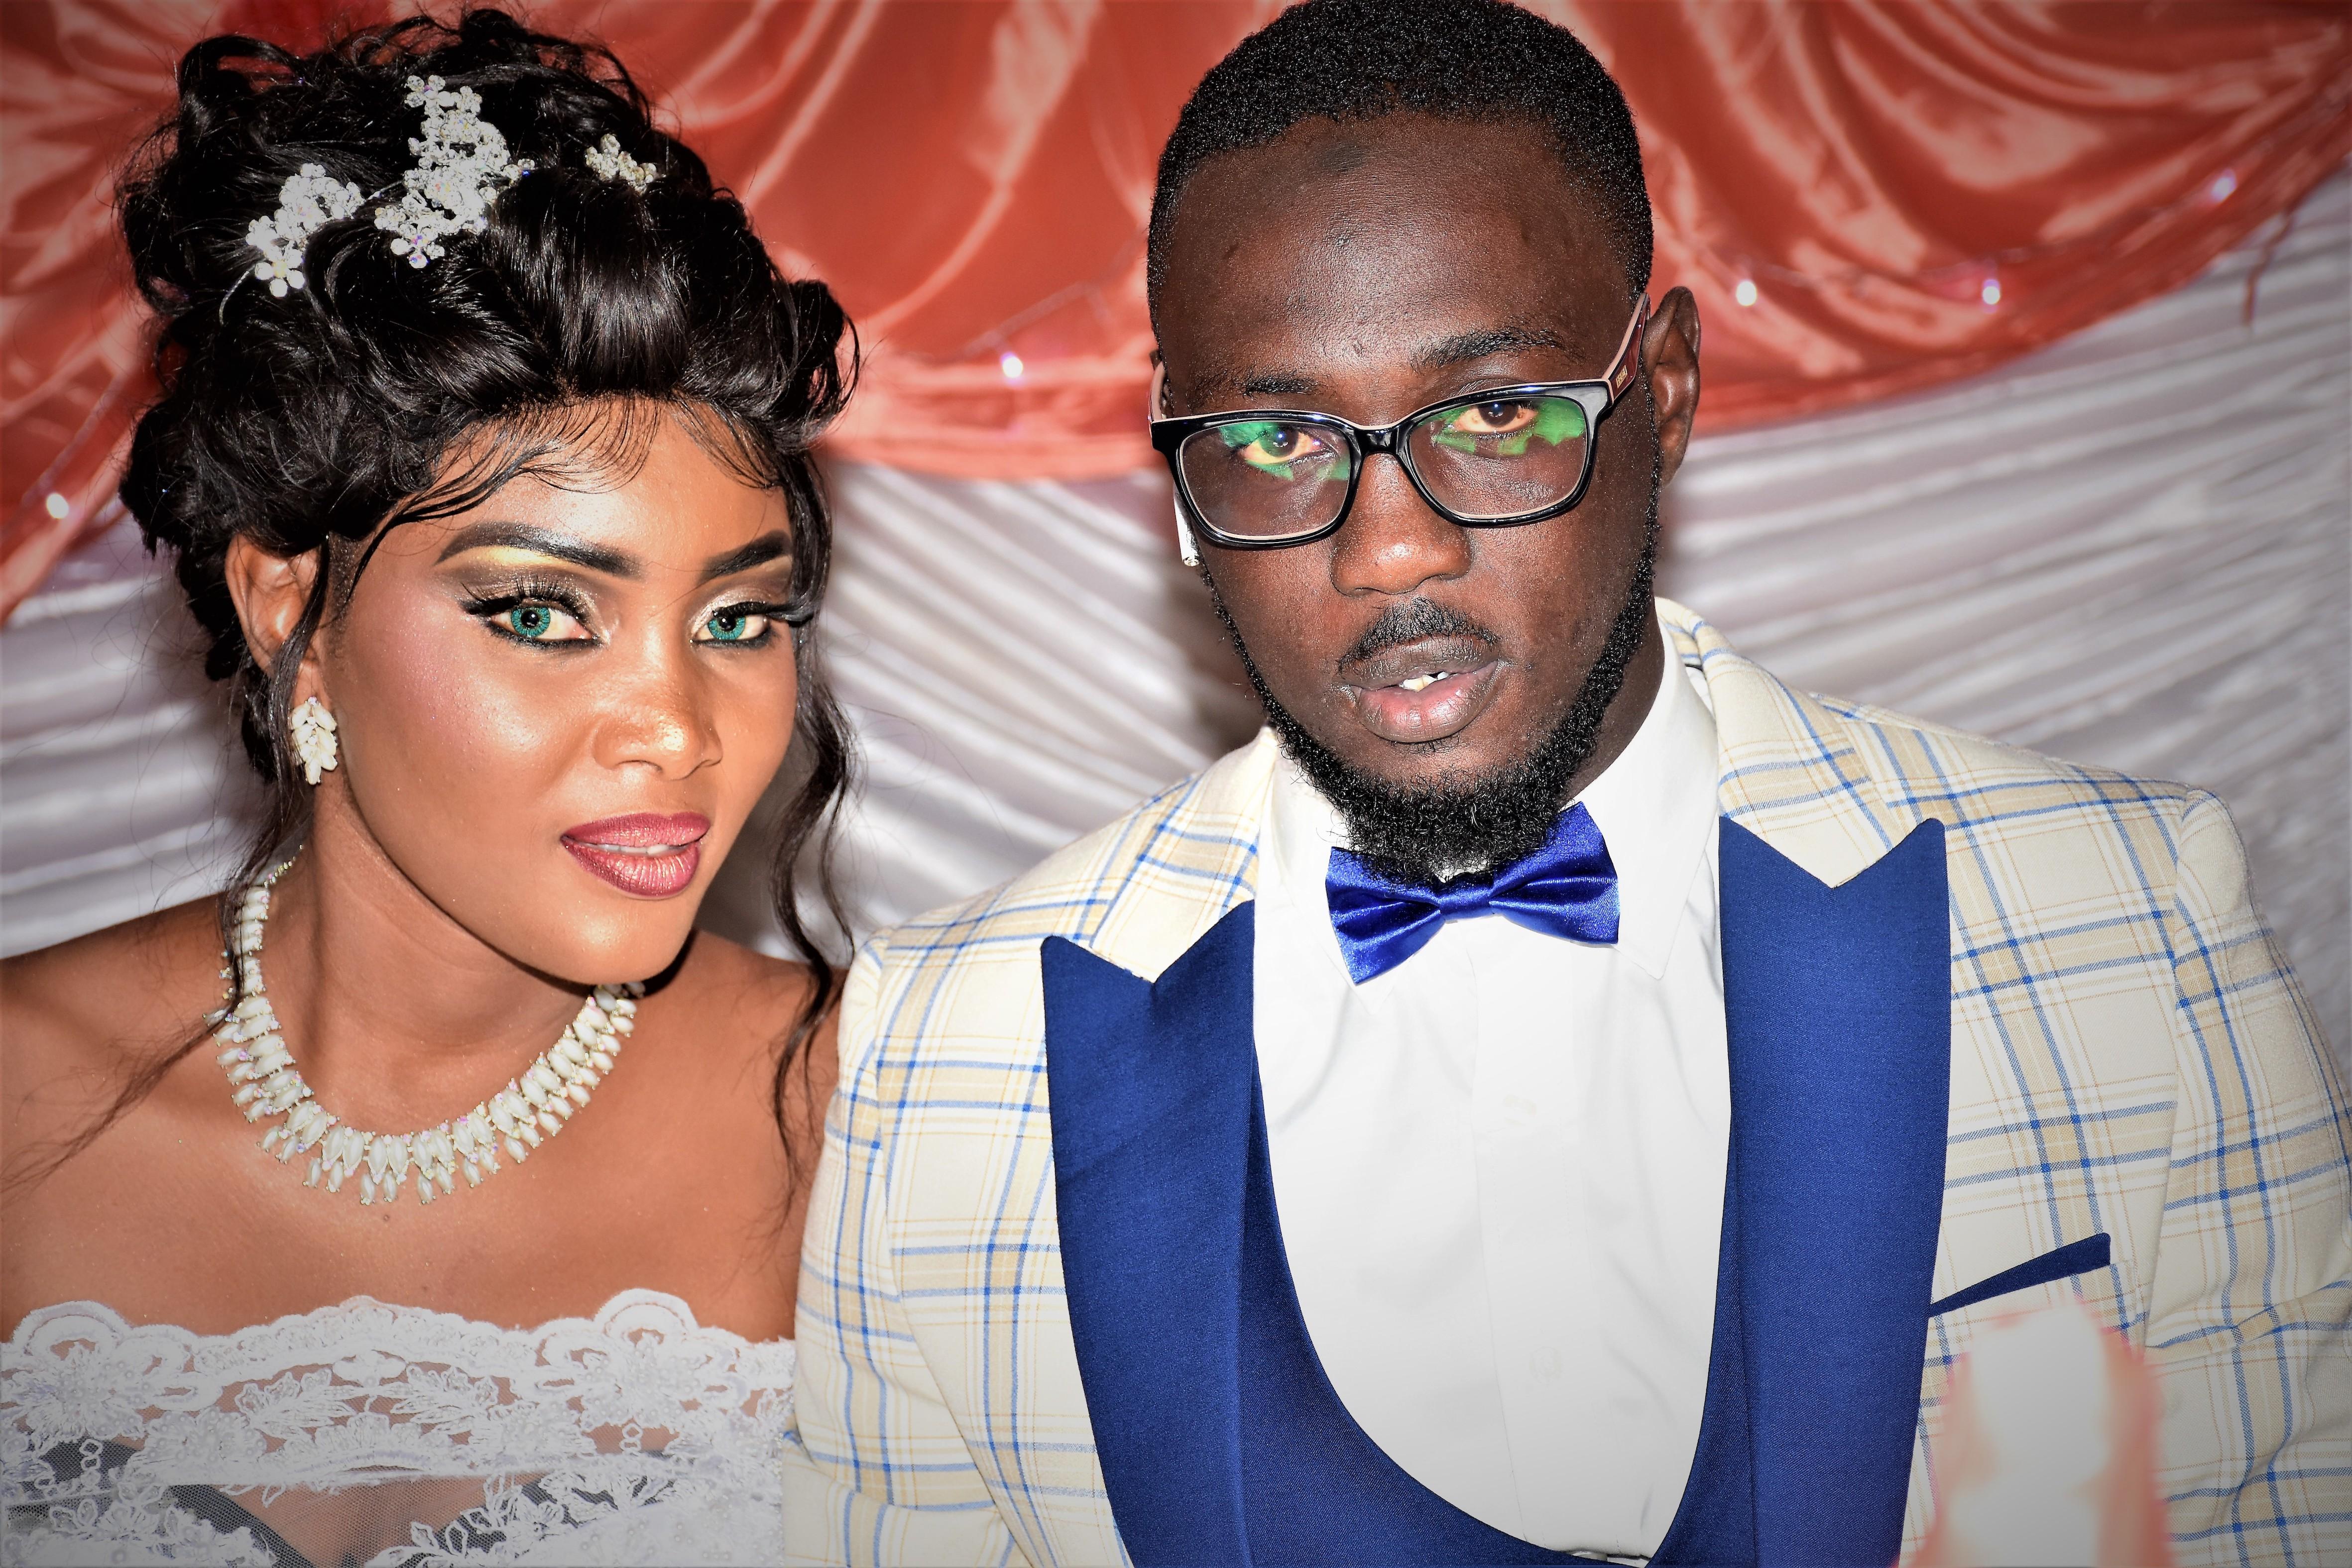 Les Images de la réception du mariage de Boury Mbaye, photographe à Dakaractu et Coura chou